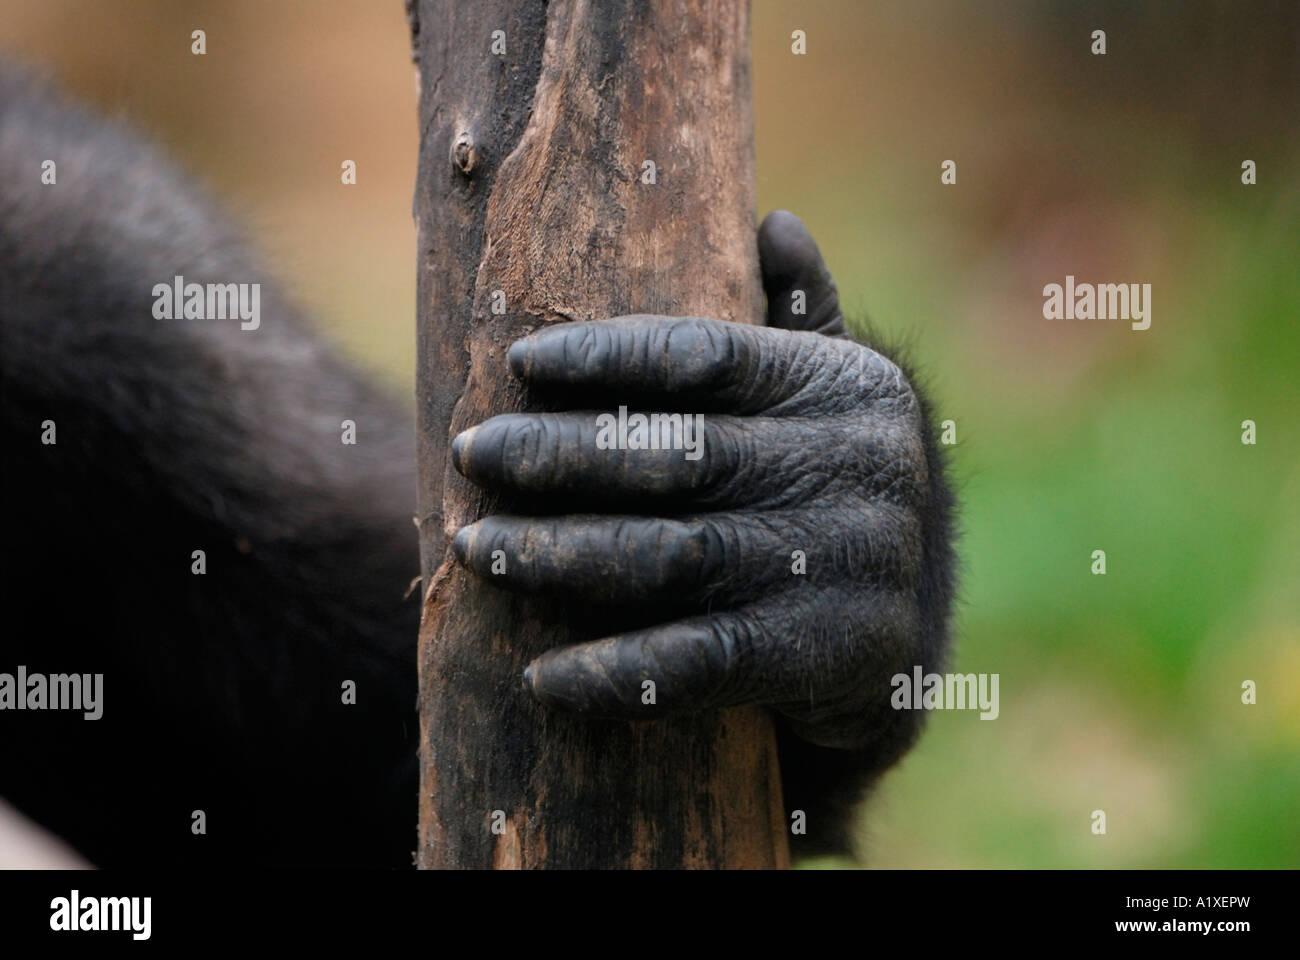 Main de gorille Banque D'Images